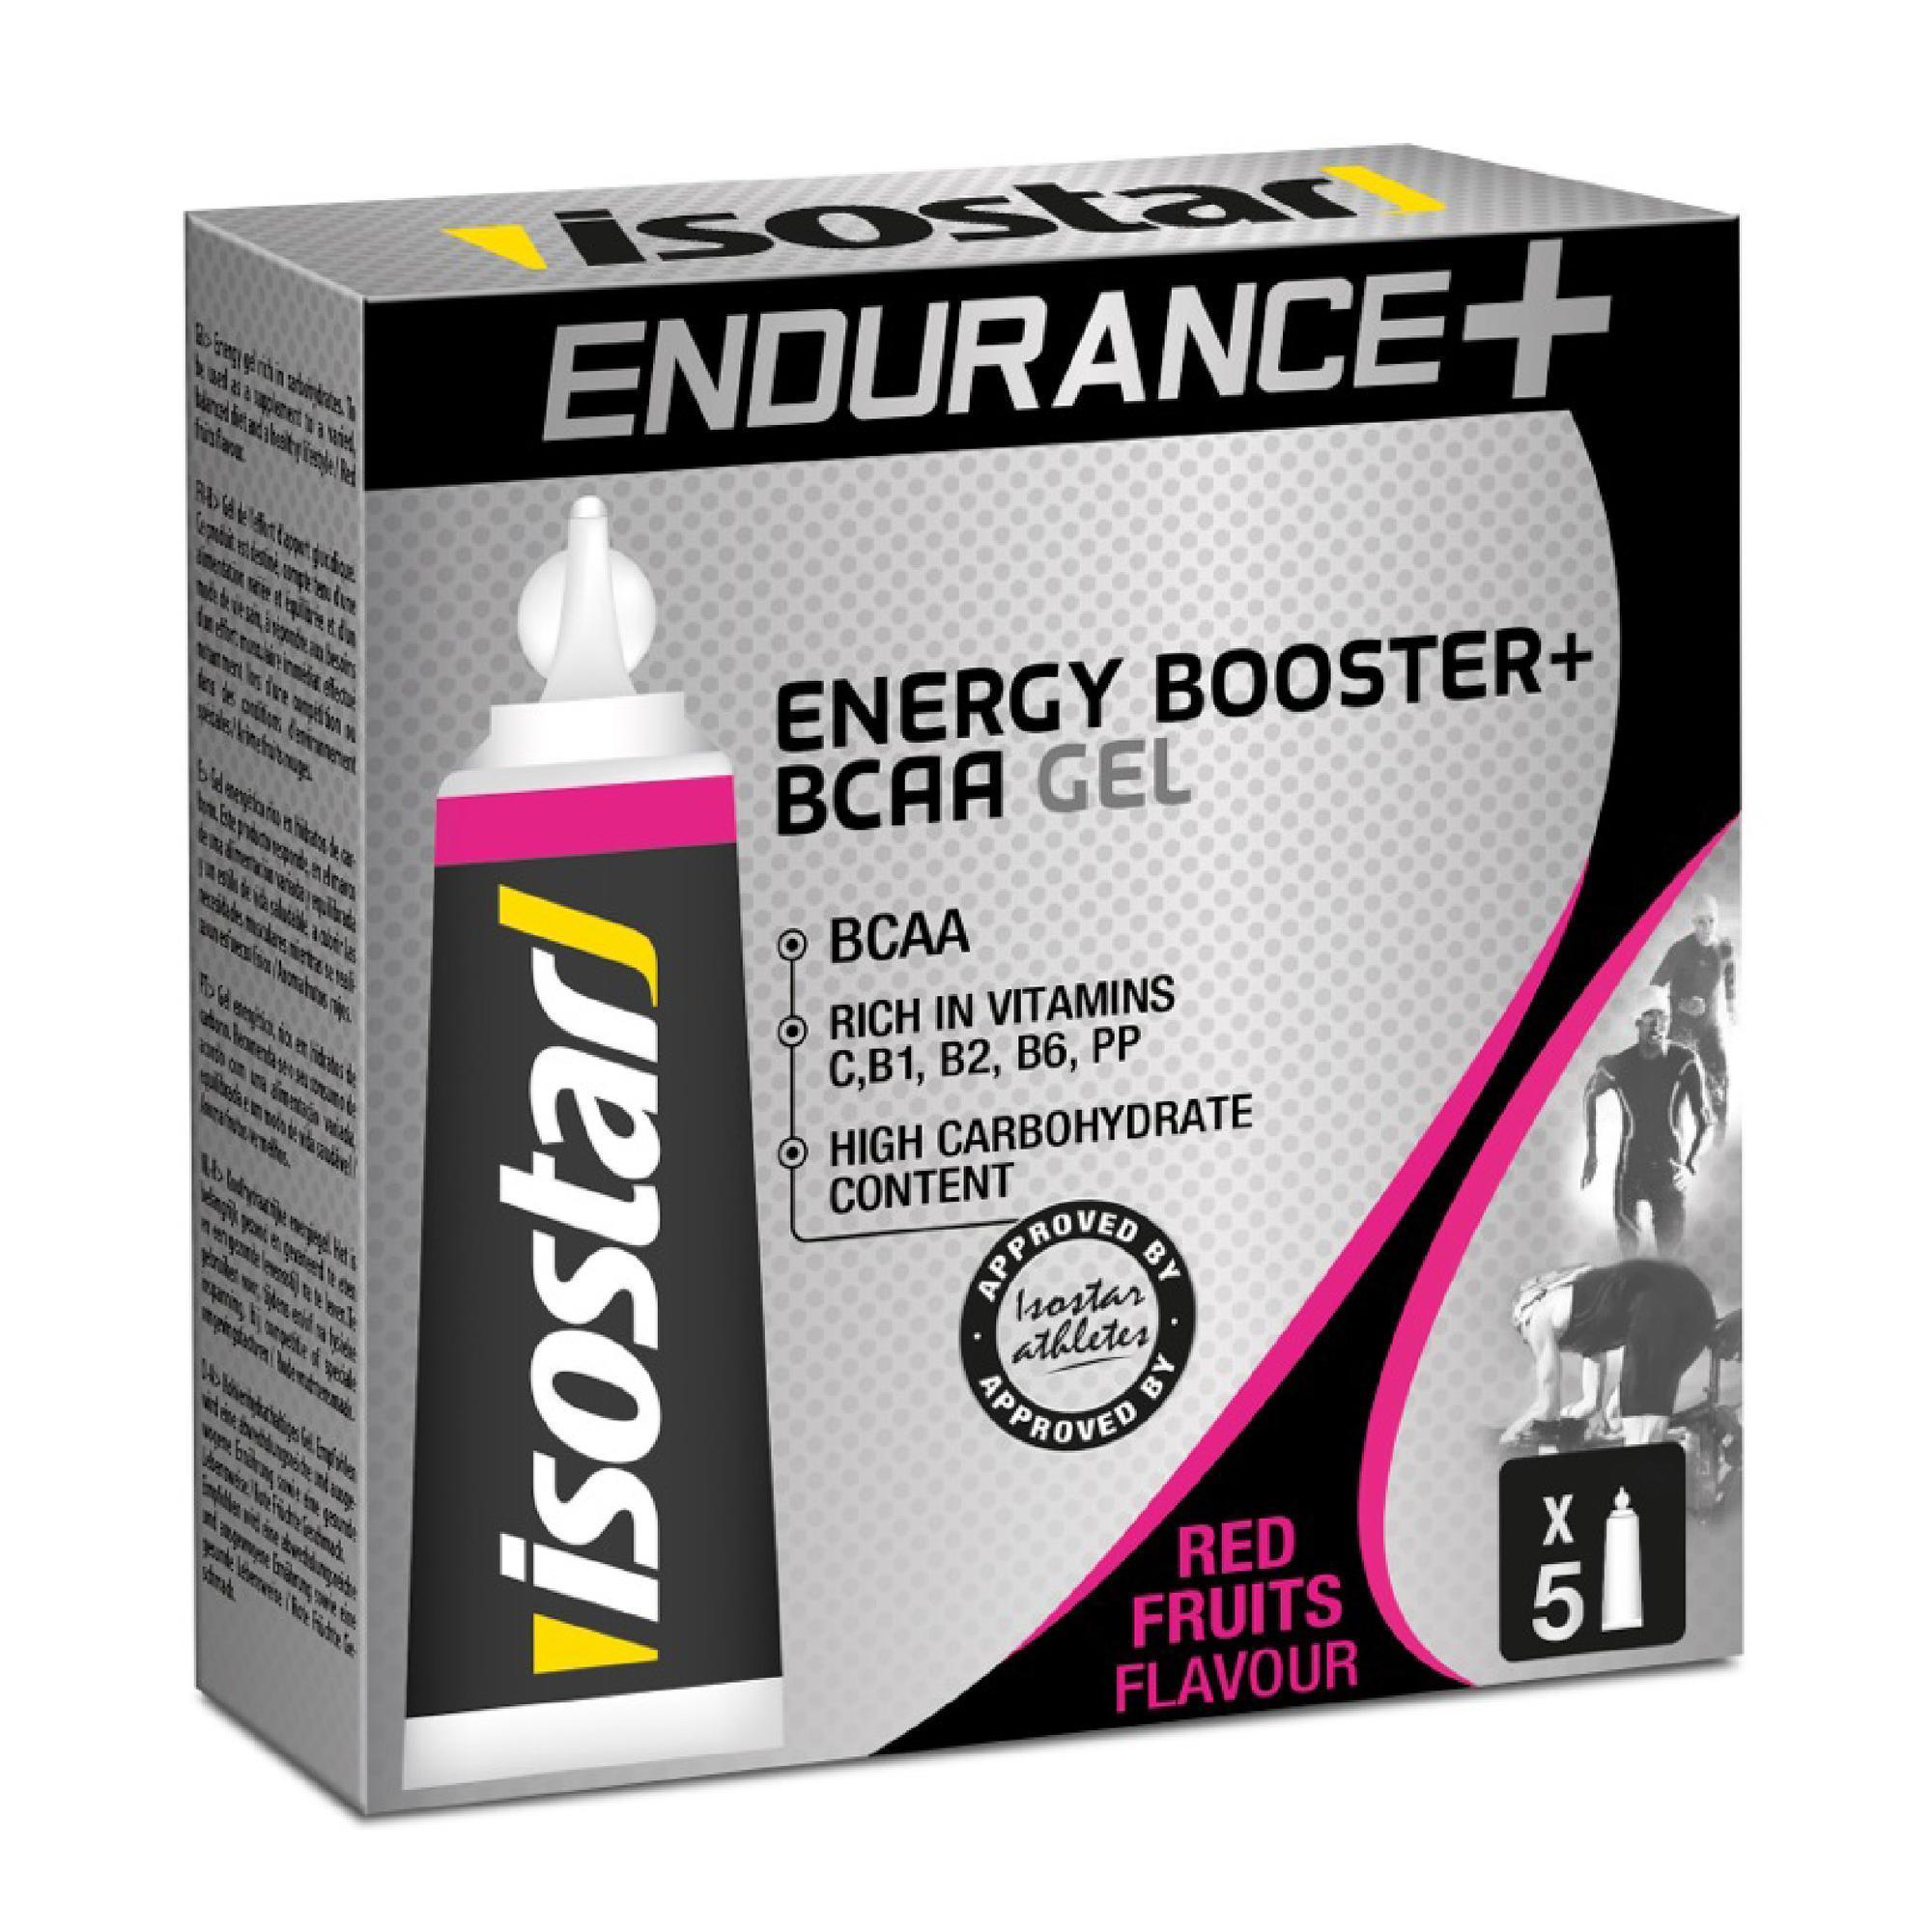 Isostar Energiegel Endurance BCAA rode vruchten 5x 20 g kopen